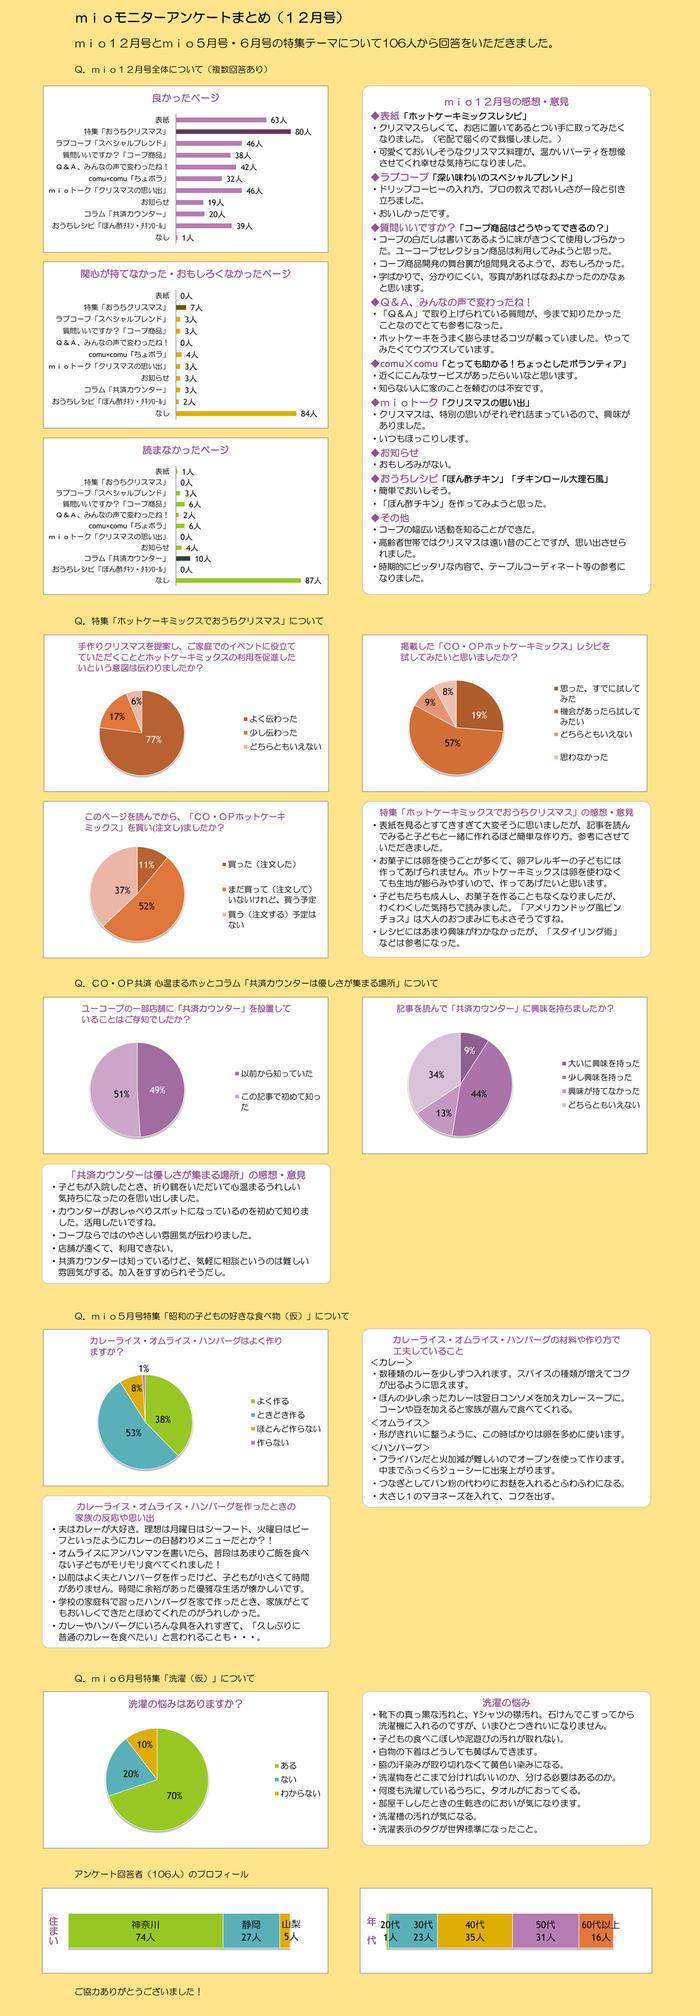 mio12月号誌面アンケート